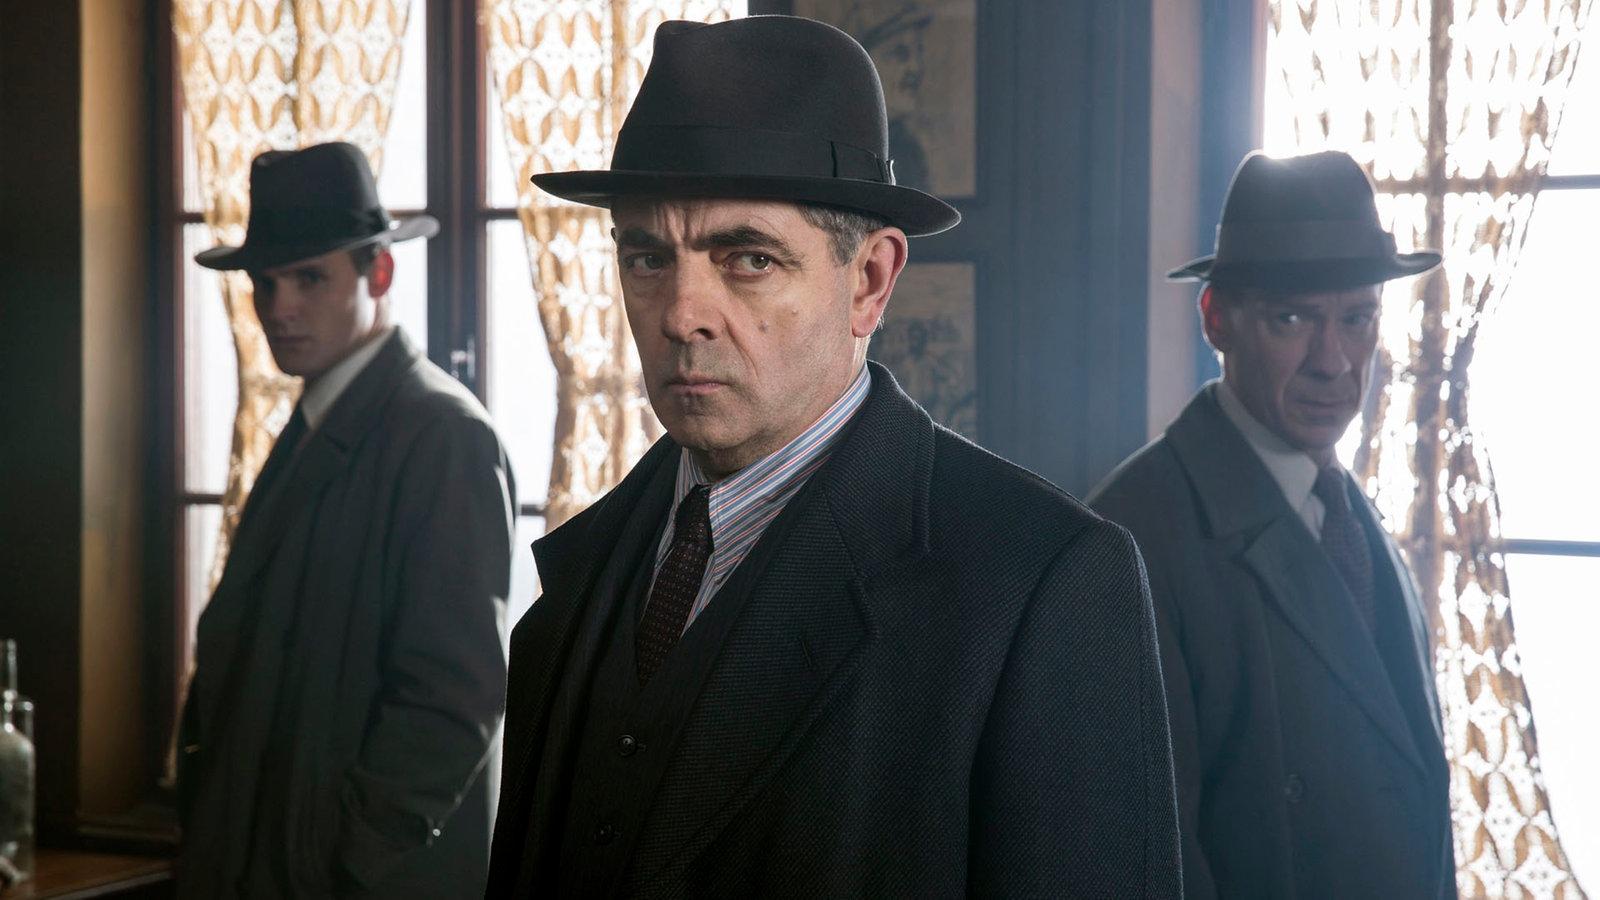 Kommissar Maigret Ein Toter Mann Stream